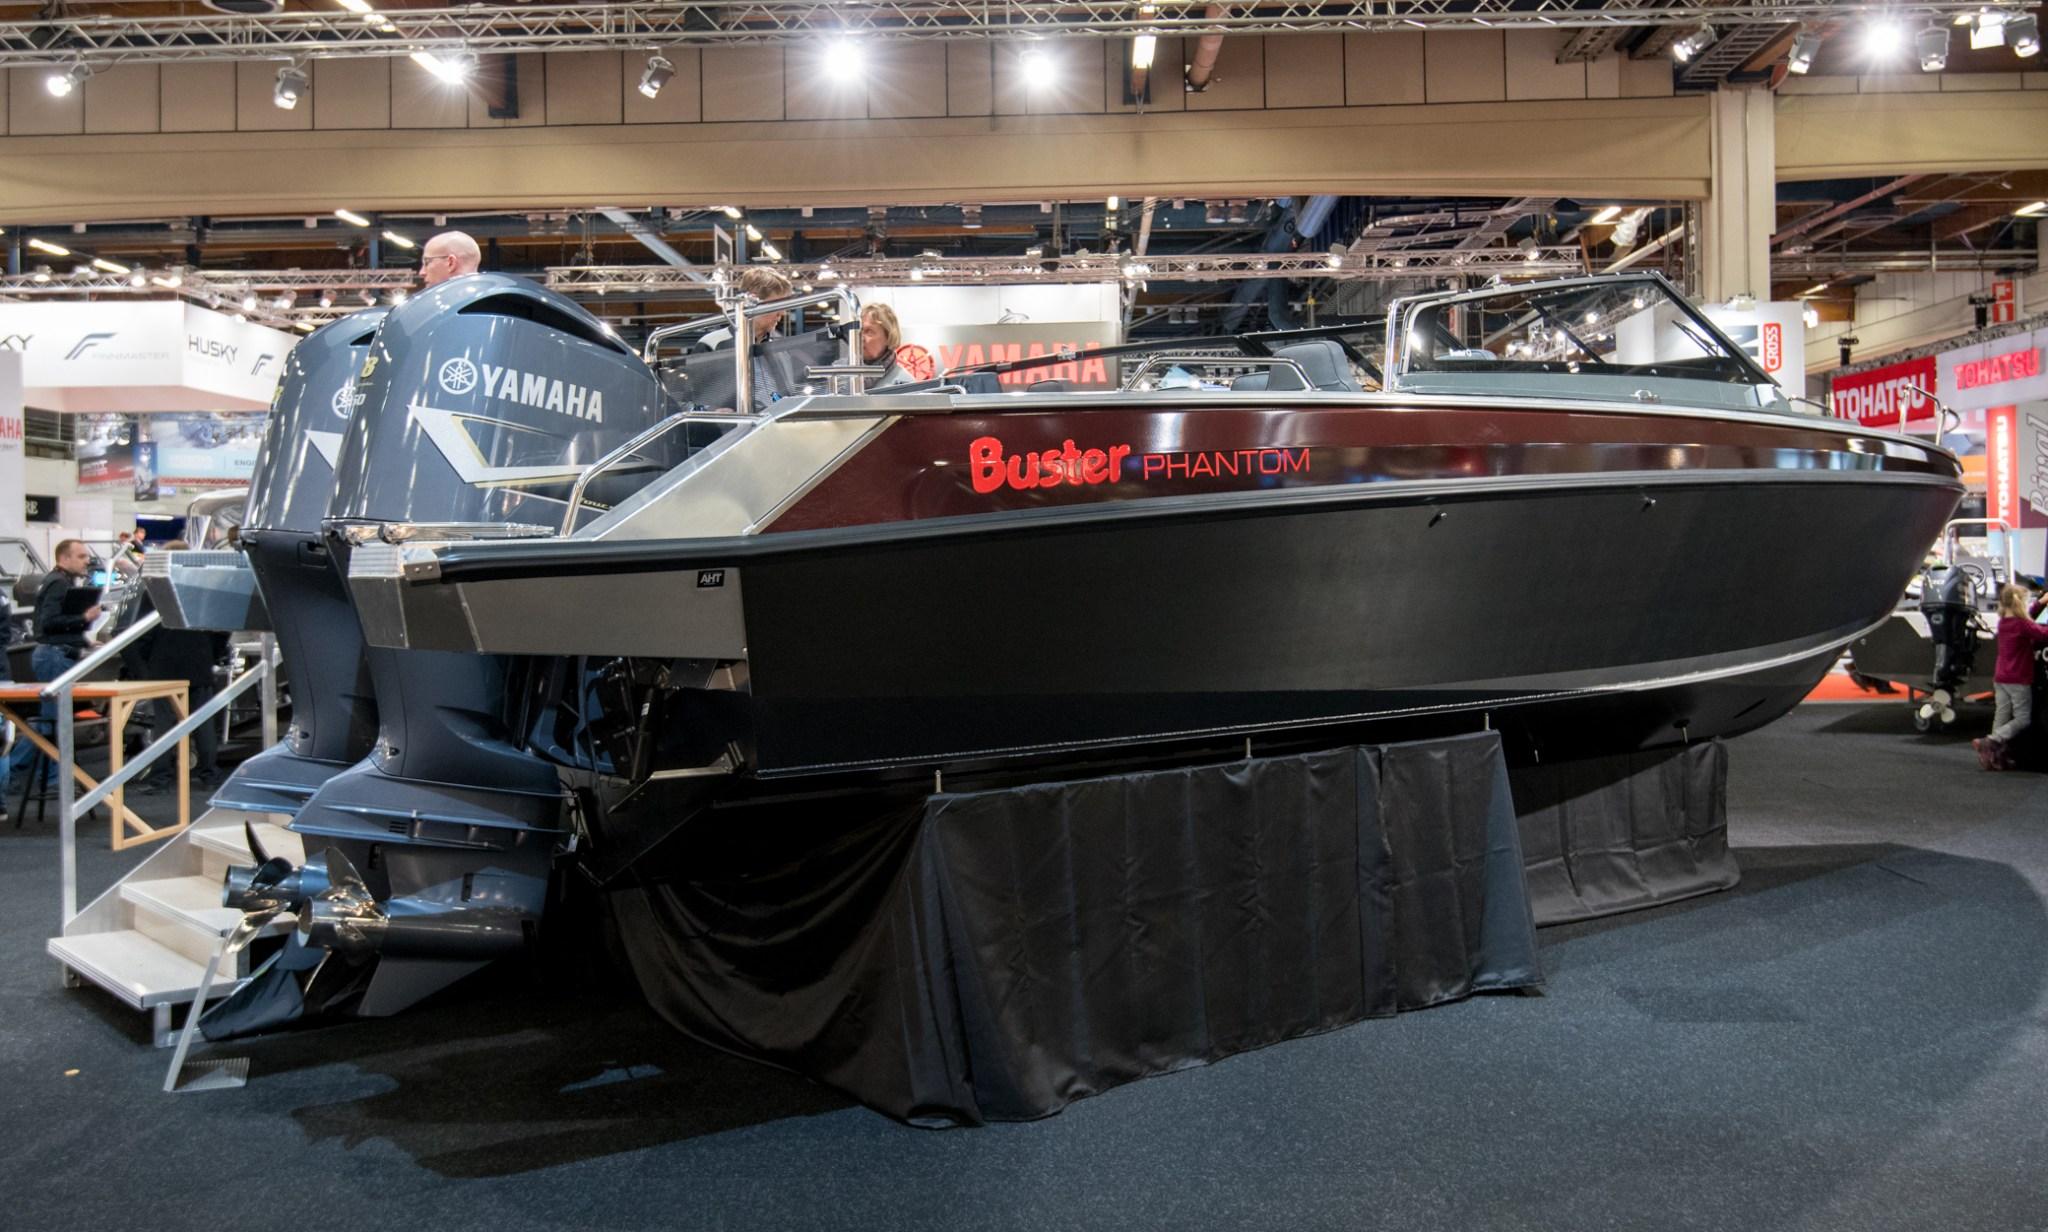 Phantom keräsi ison jonon ihailijoita, eikä syyttä. Siinä on 10 metriä hyvän näköistä jälkeä, joka eroaa melkoisesti Busterin aiemmasta venekannasta.